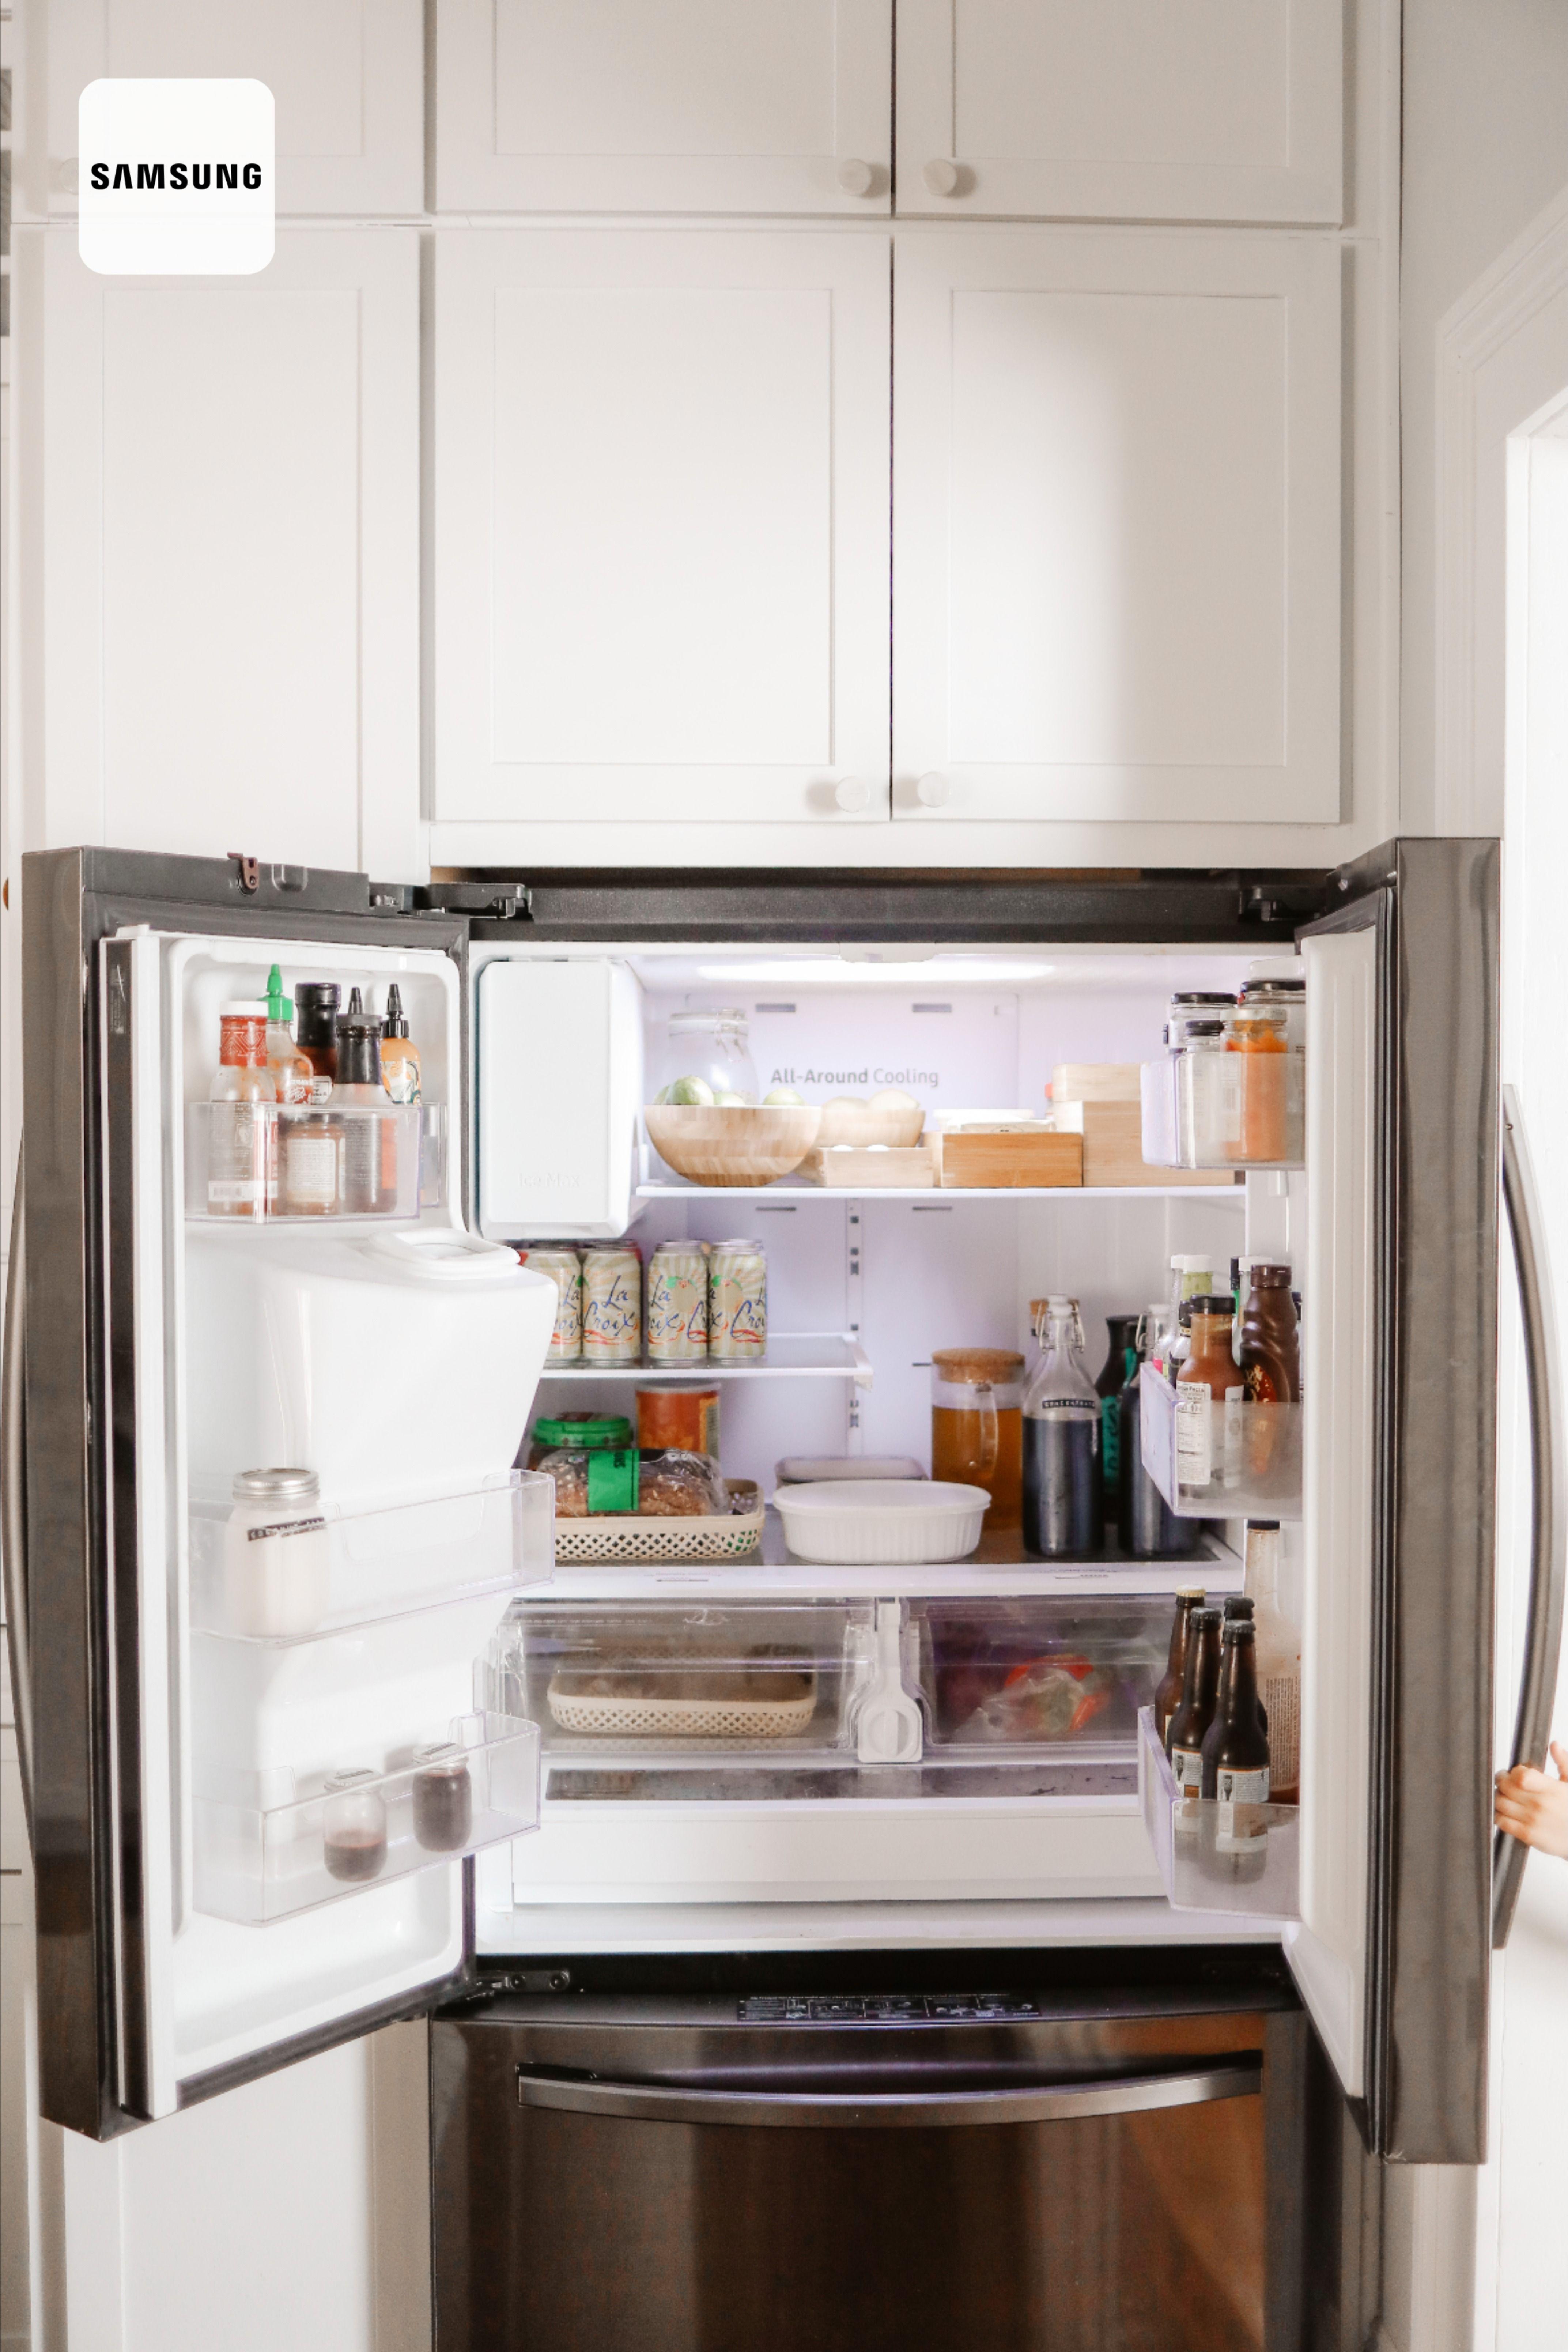 Refrigerator Organization In 2020 Kitchen Design French Door Refrigerator Samsung Refrigerator French Door